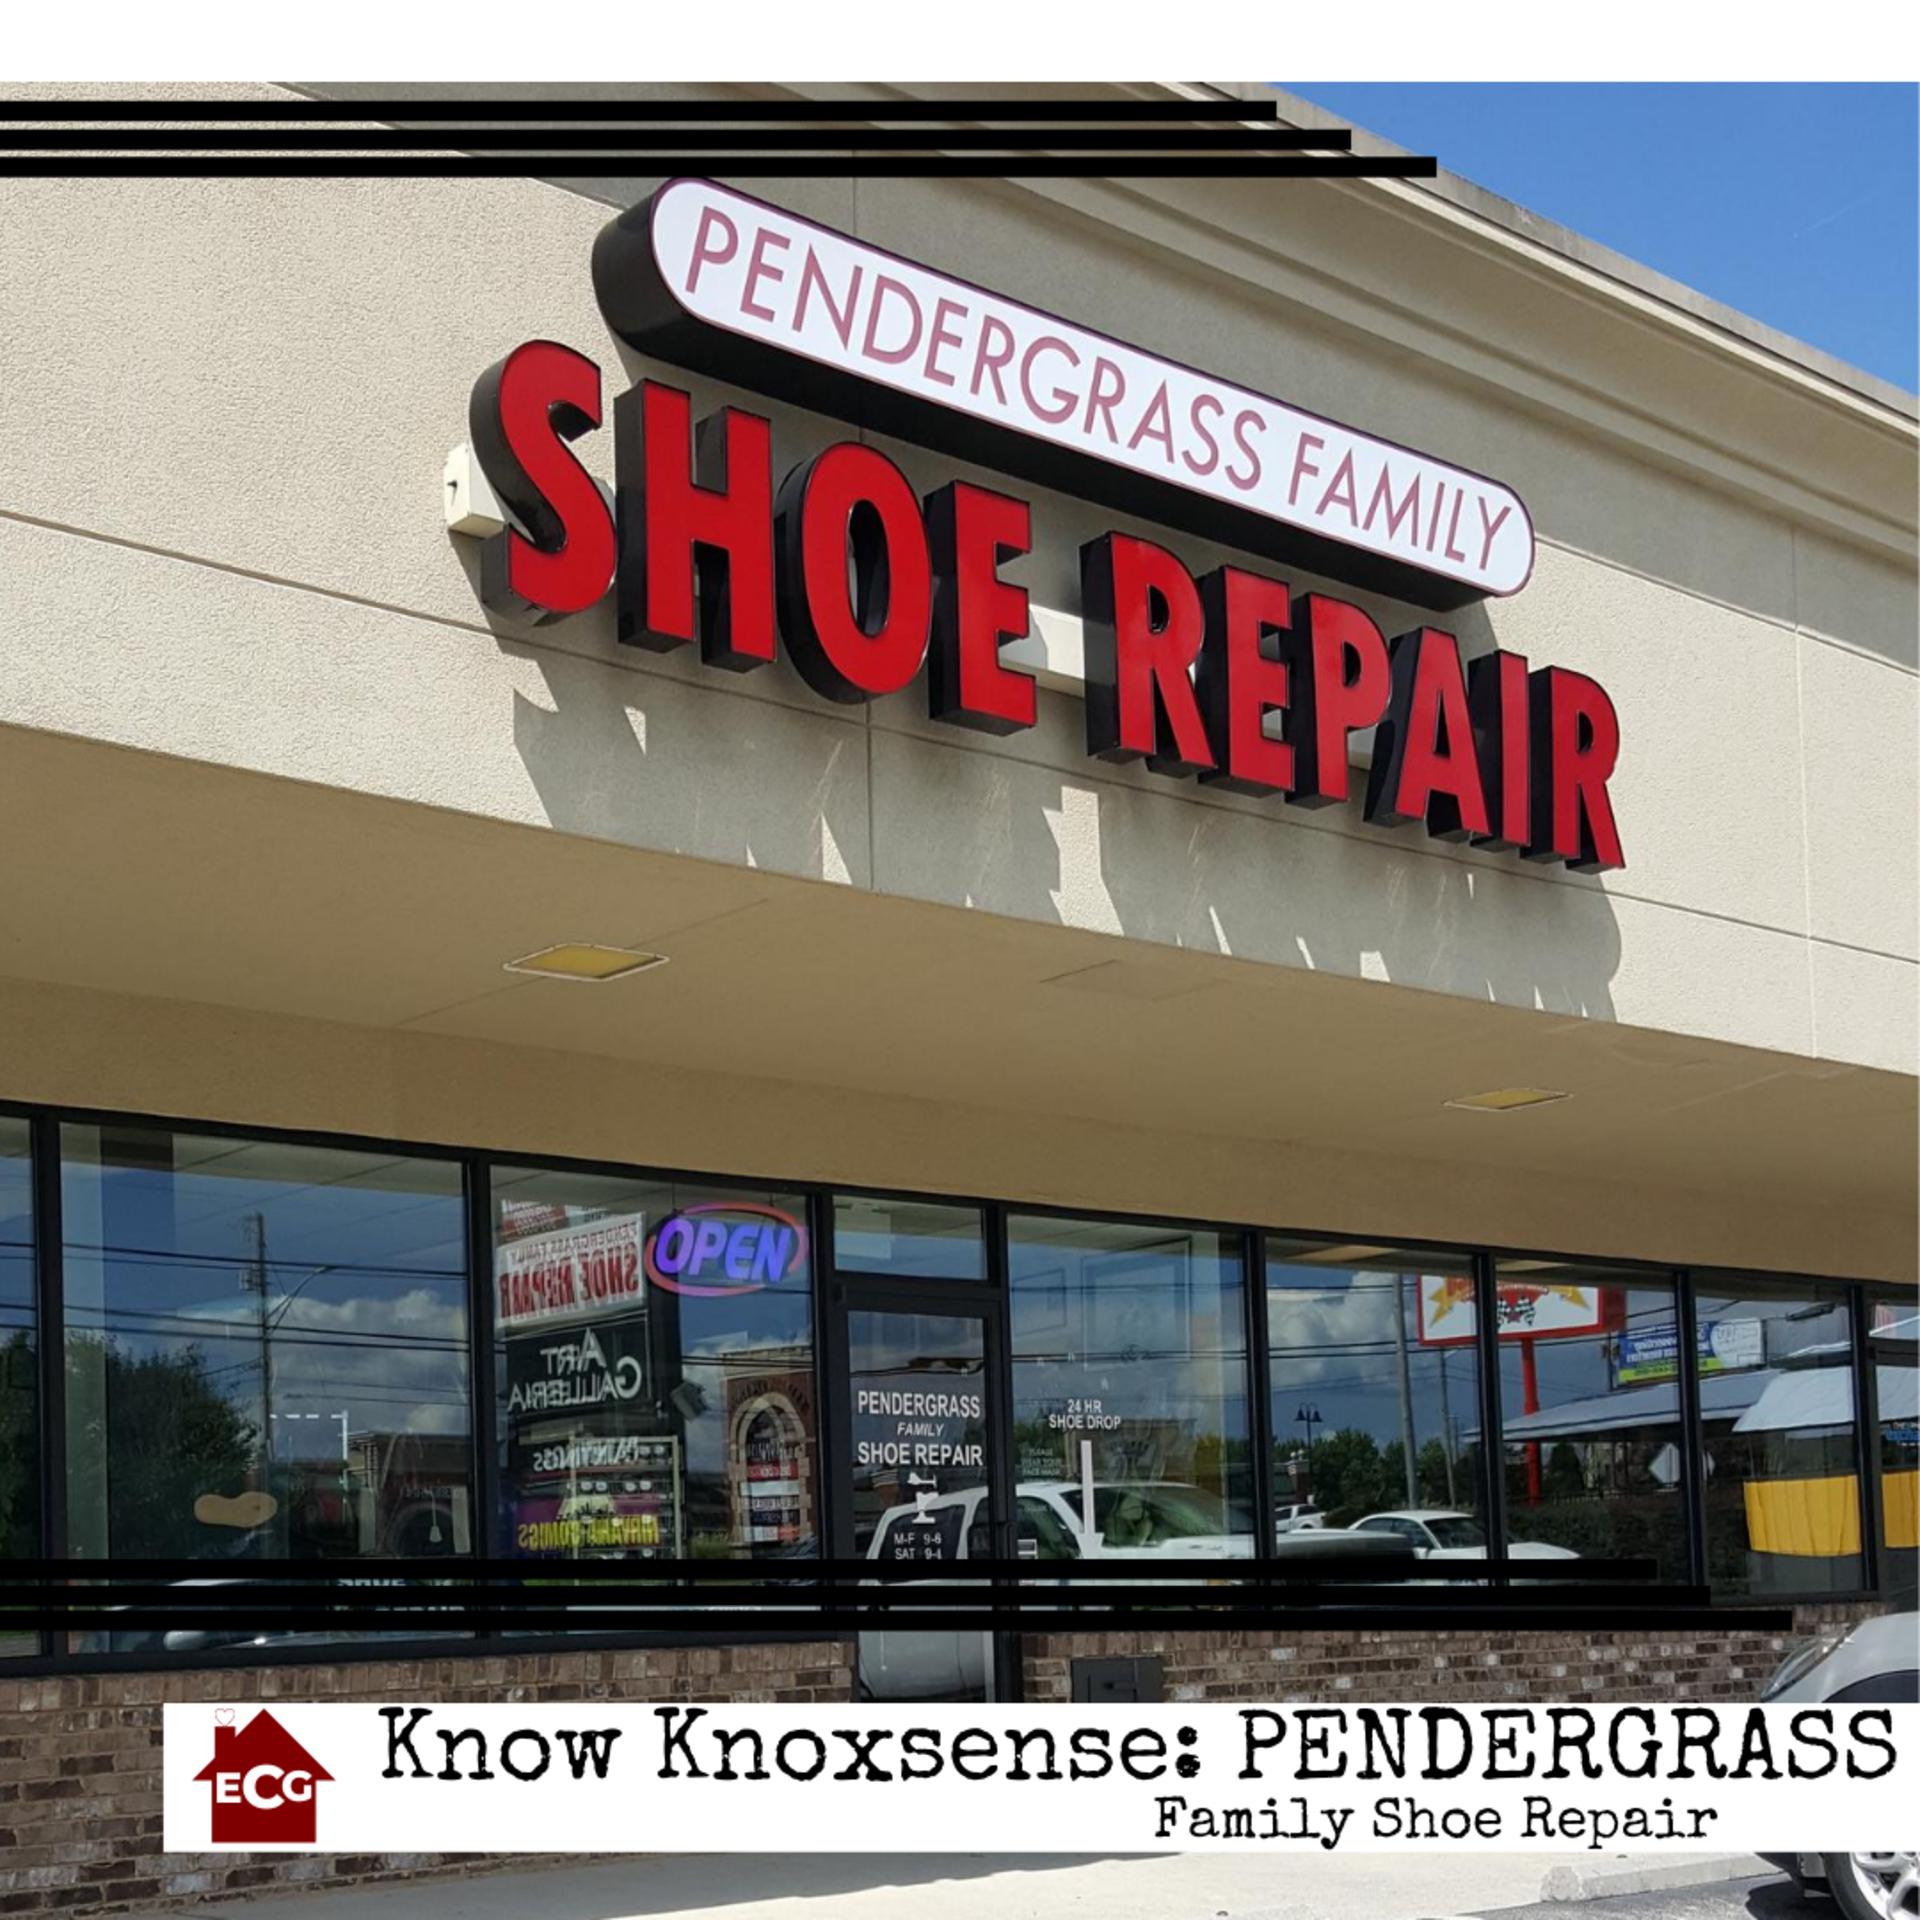 Know Knoxsense: Pendergrass Family Shoe Repair